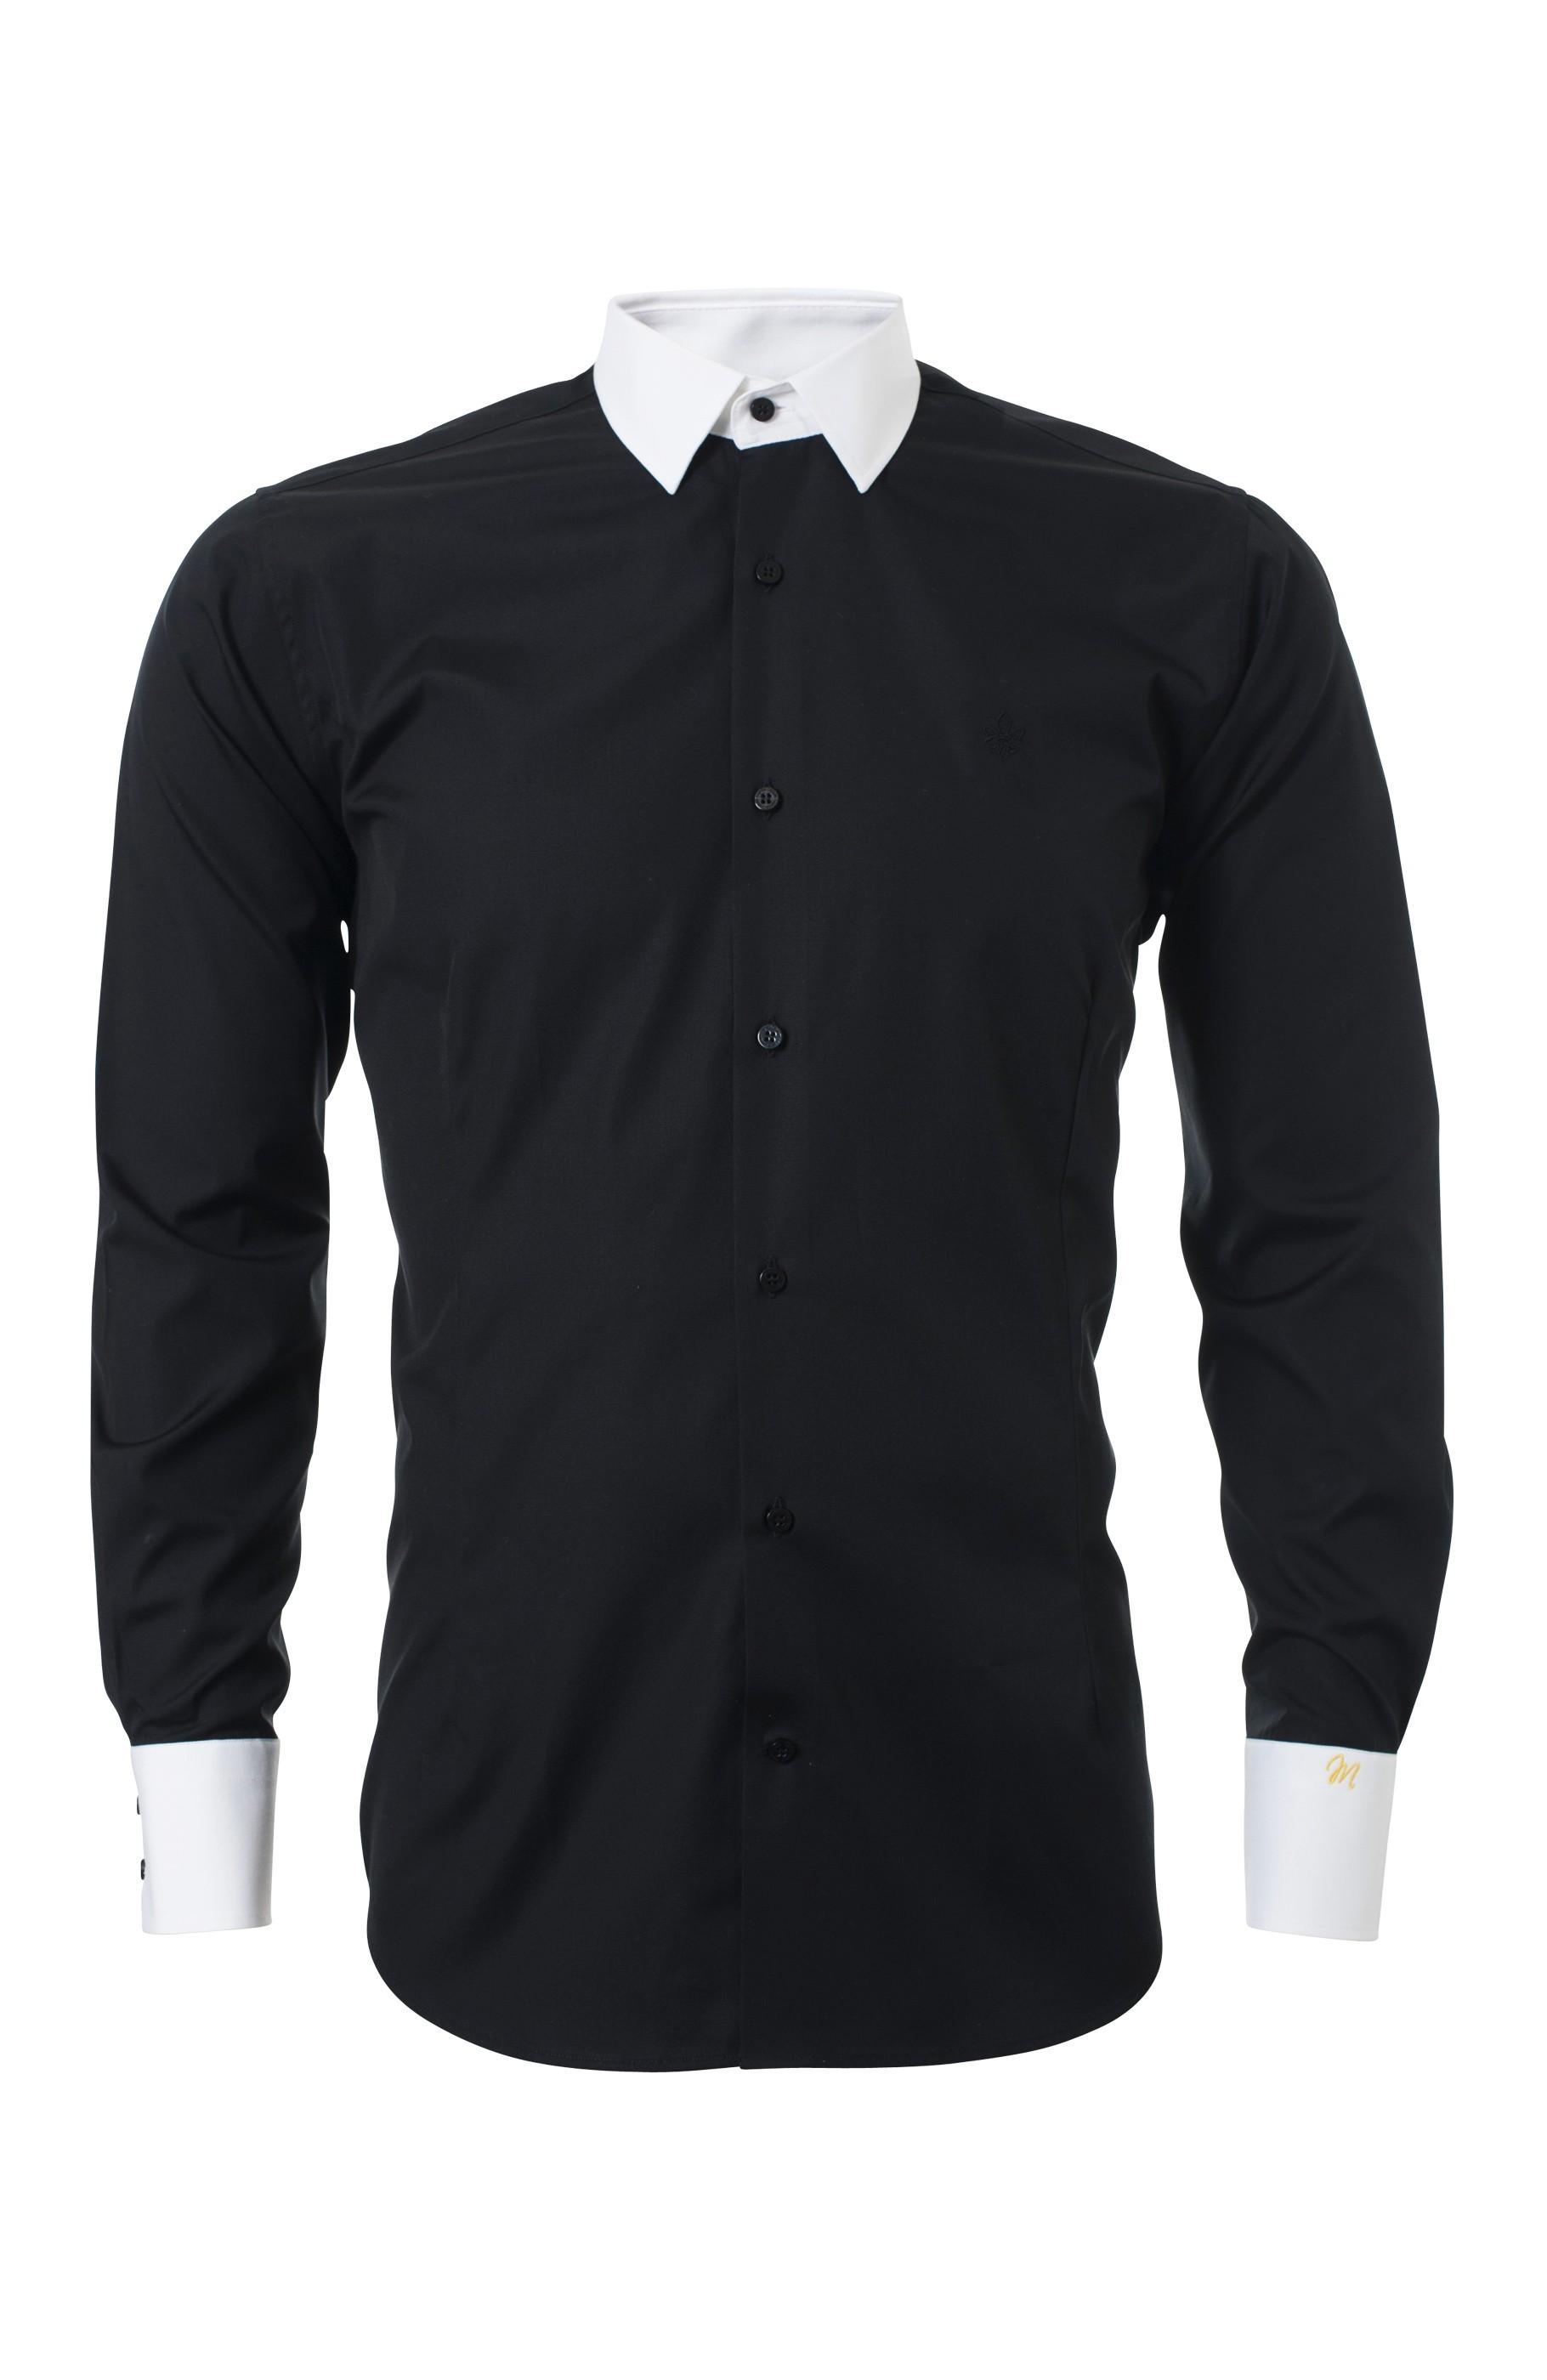 Majesté Couture Paris: BLACK PARIGOTE SHIRT | Clothing,Clothing > Shirts -  Hiphunters Shop